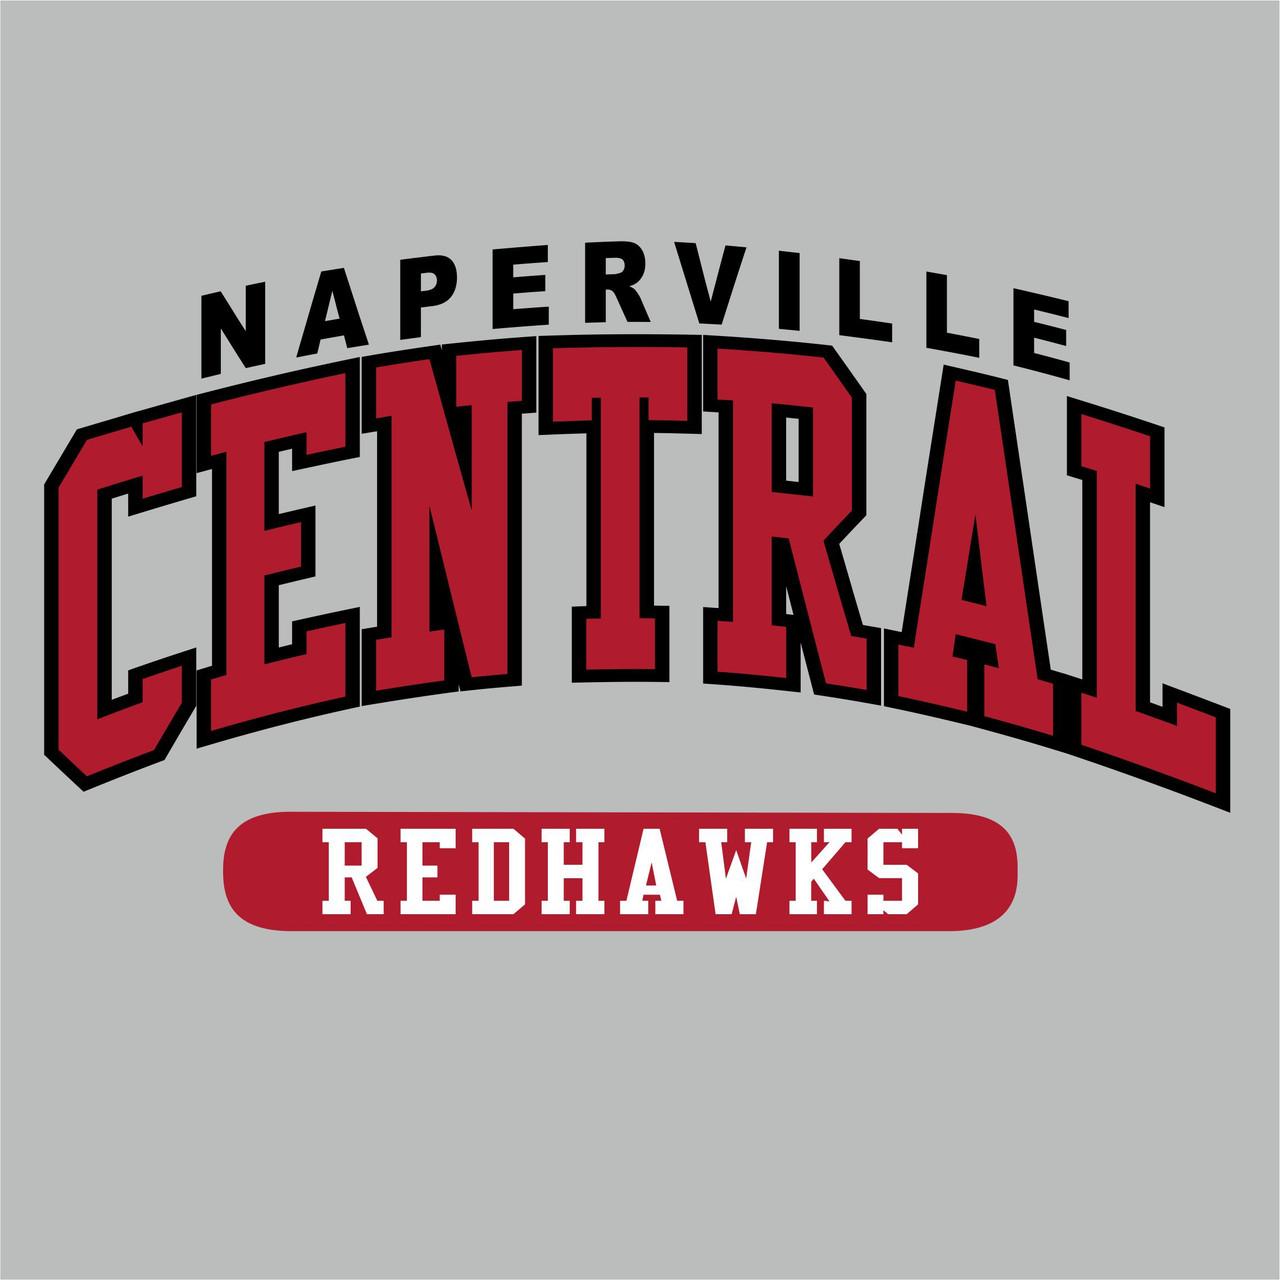 Naperville Central HS